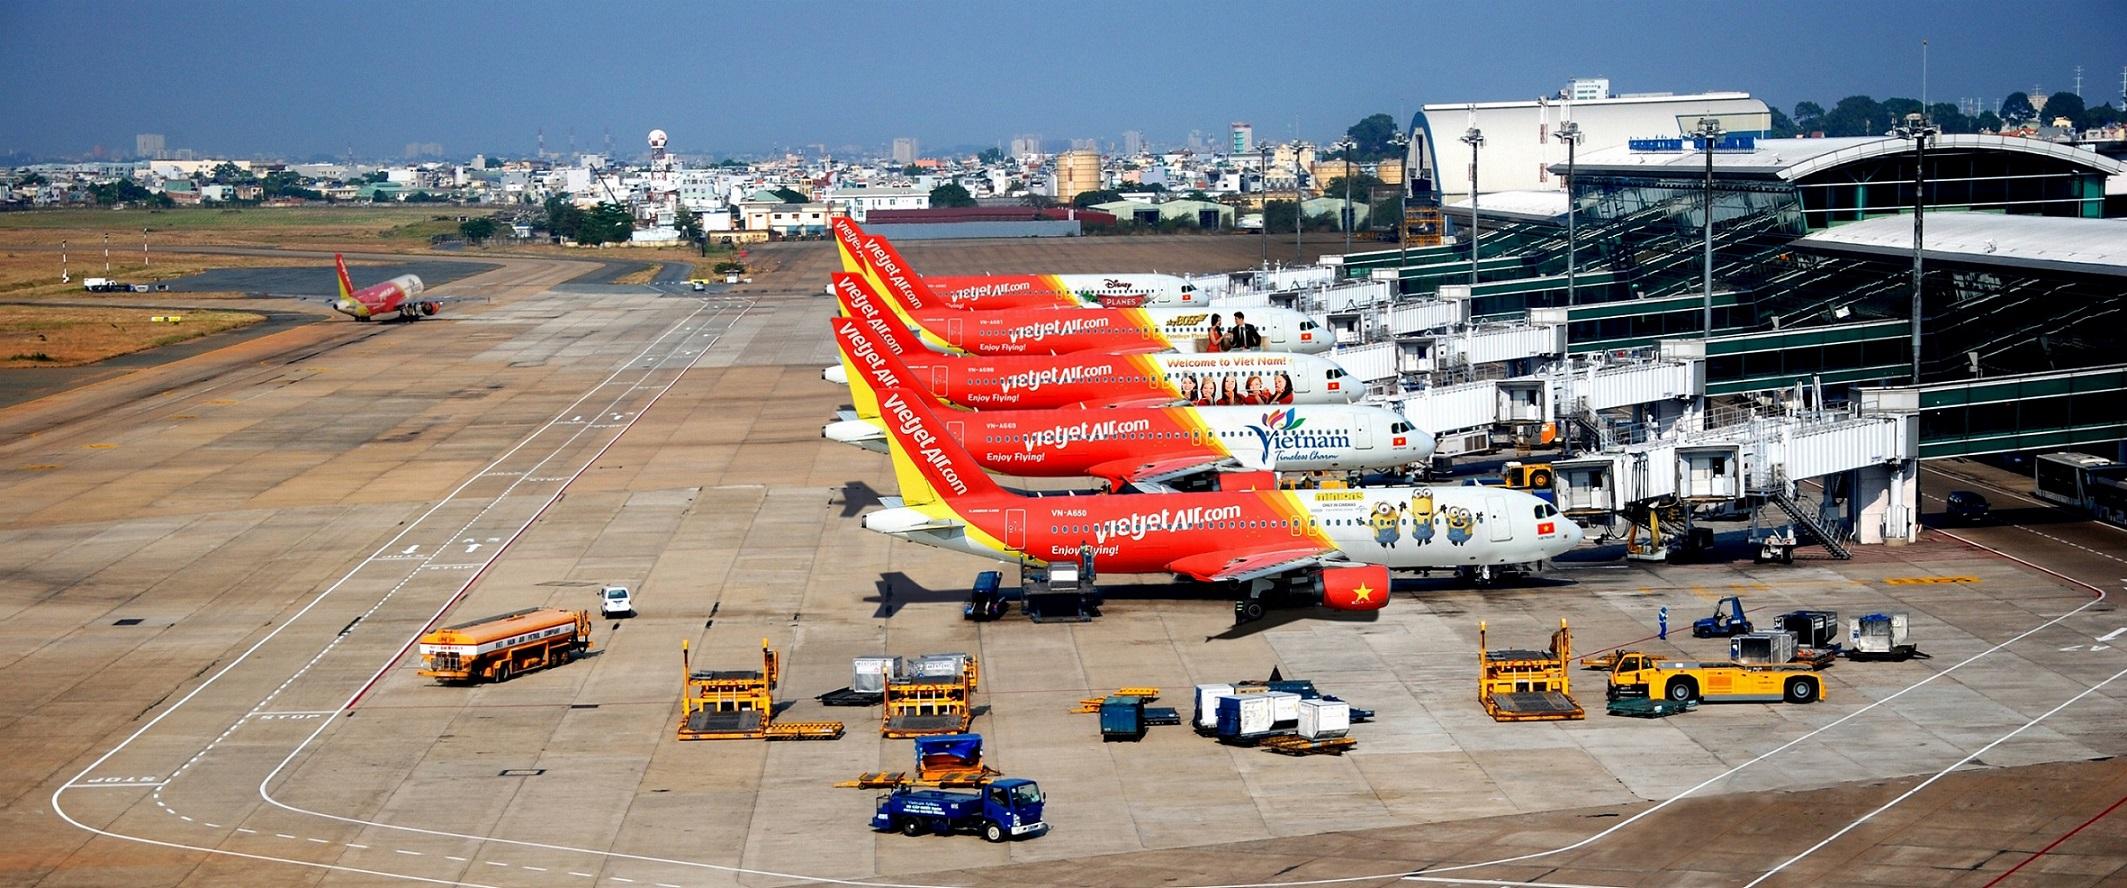 越捷航空去年接載1400萬名乘客 營業額逾94億港元: Travel Weekly China